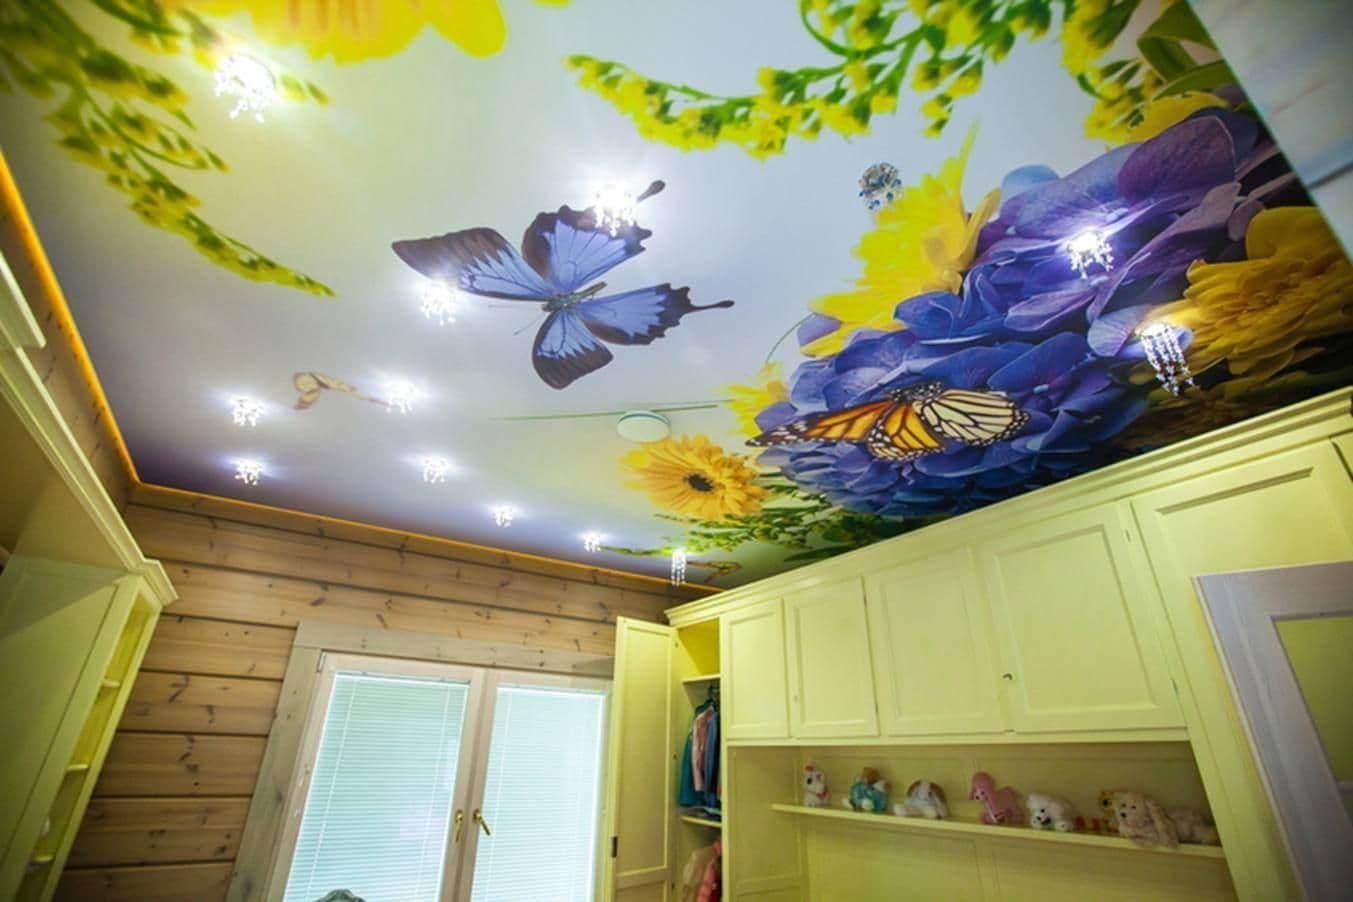 Натяжной потолок с фотопечатью в детской 15 м2 цены